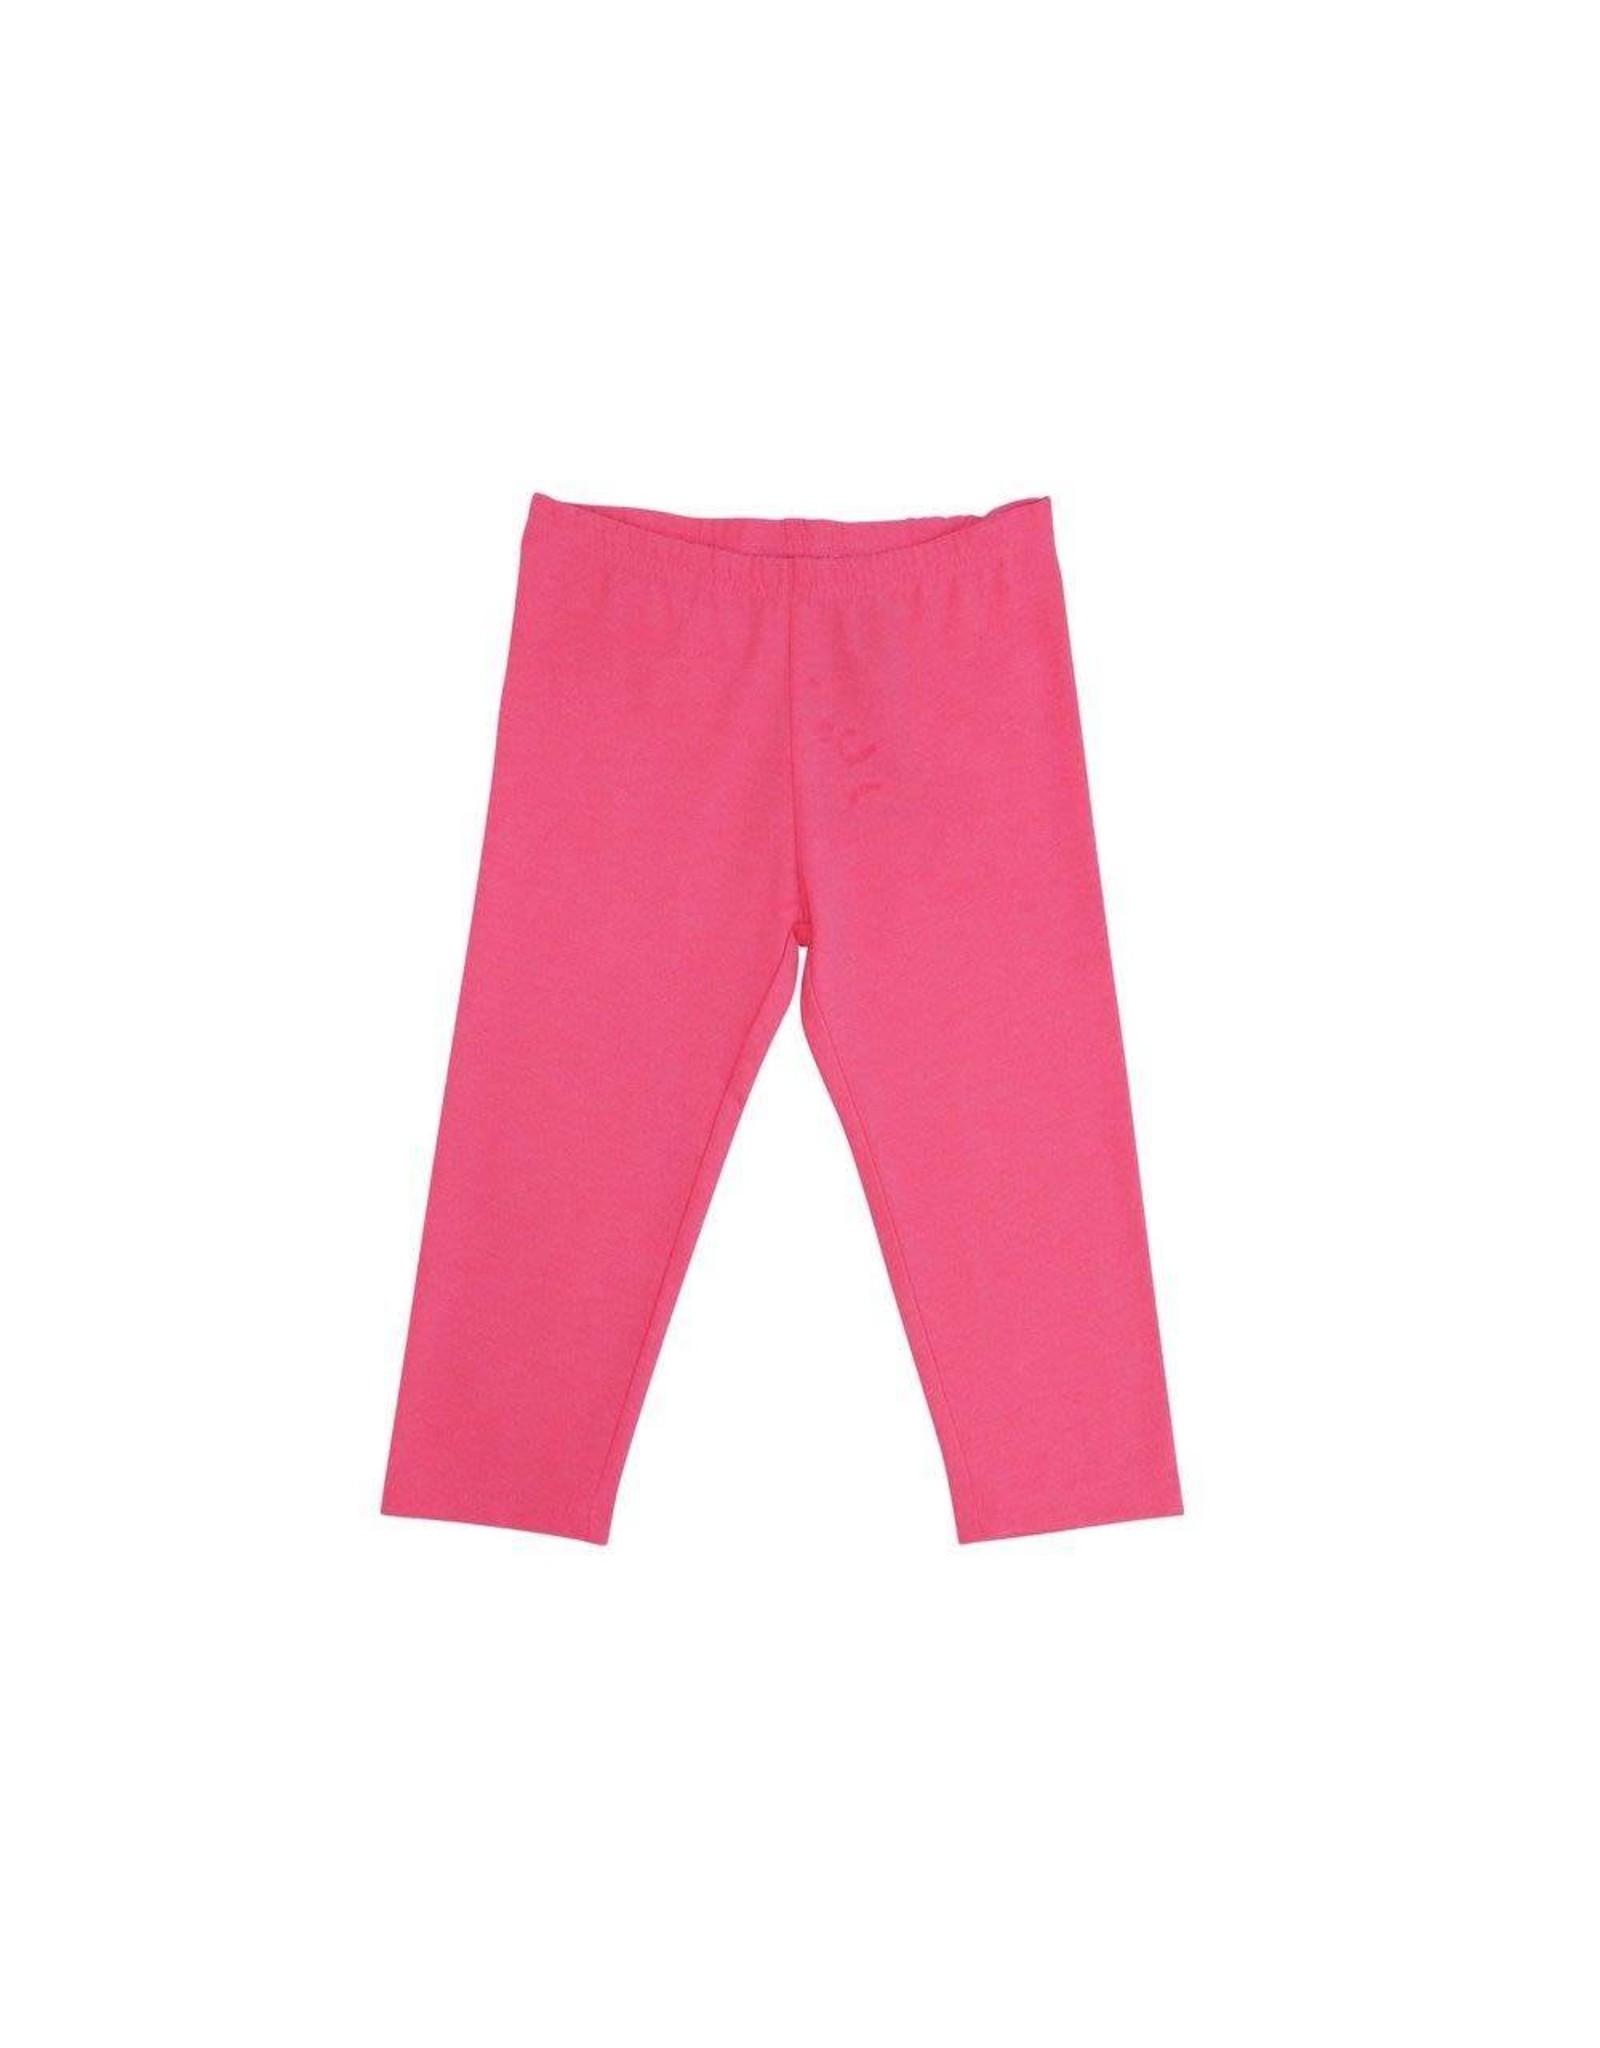 Lovestation Love Station 3/4 legging Neon Pink